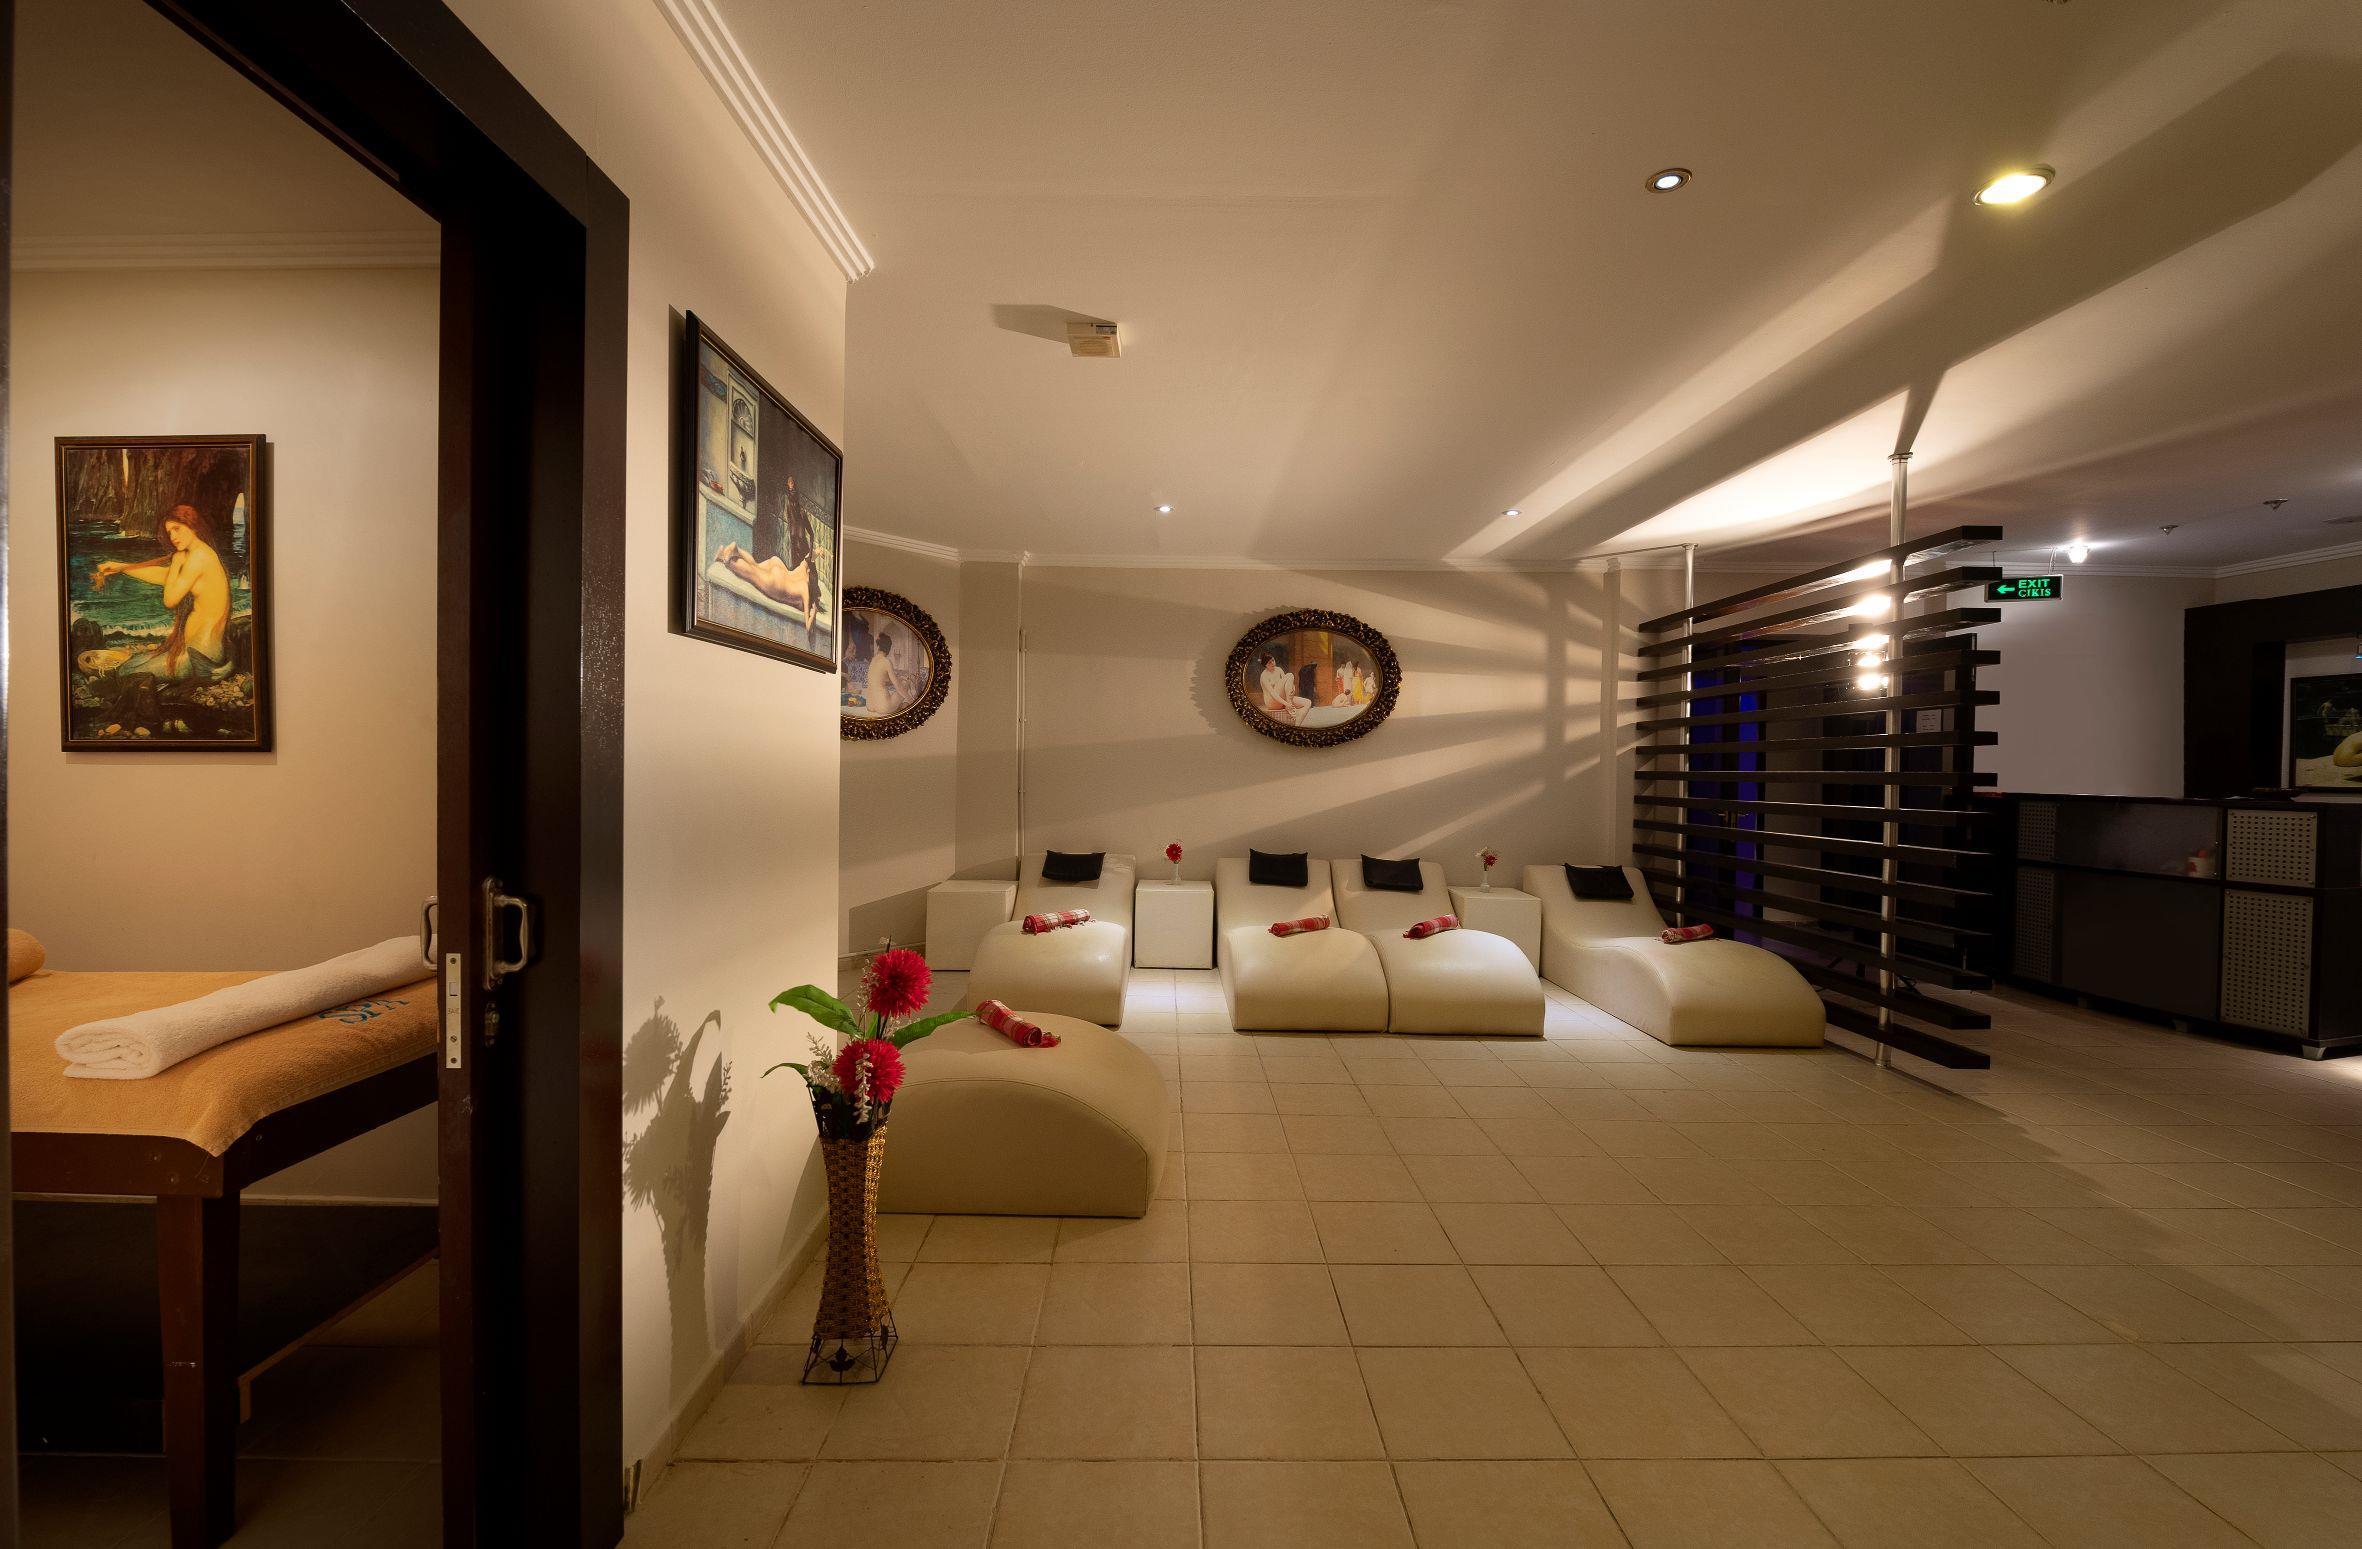 http://www.orextravel.sk/OREX/hotelphotos/miramare-queen-hotel-general-0087.jpg